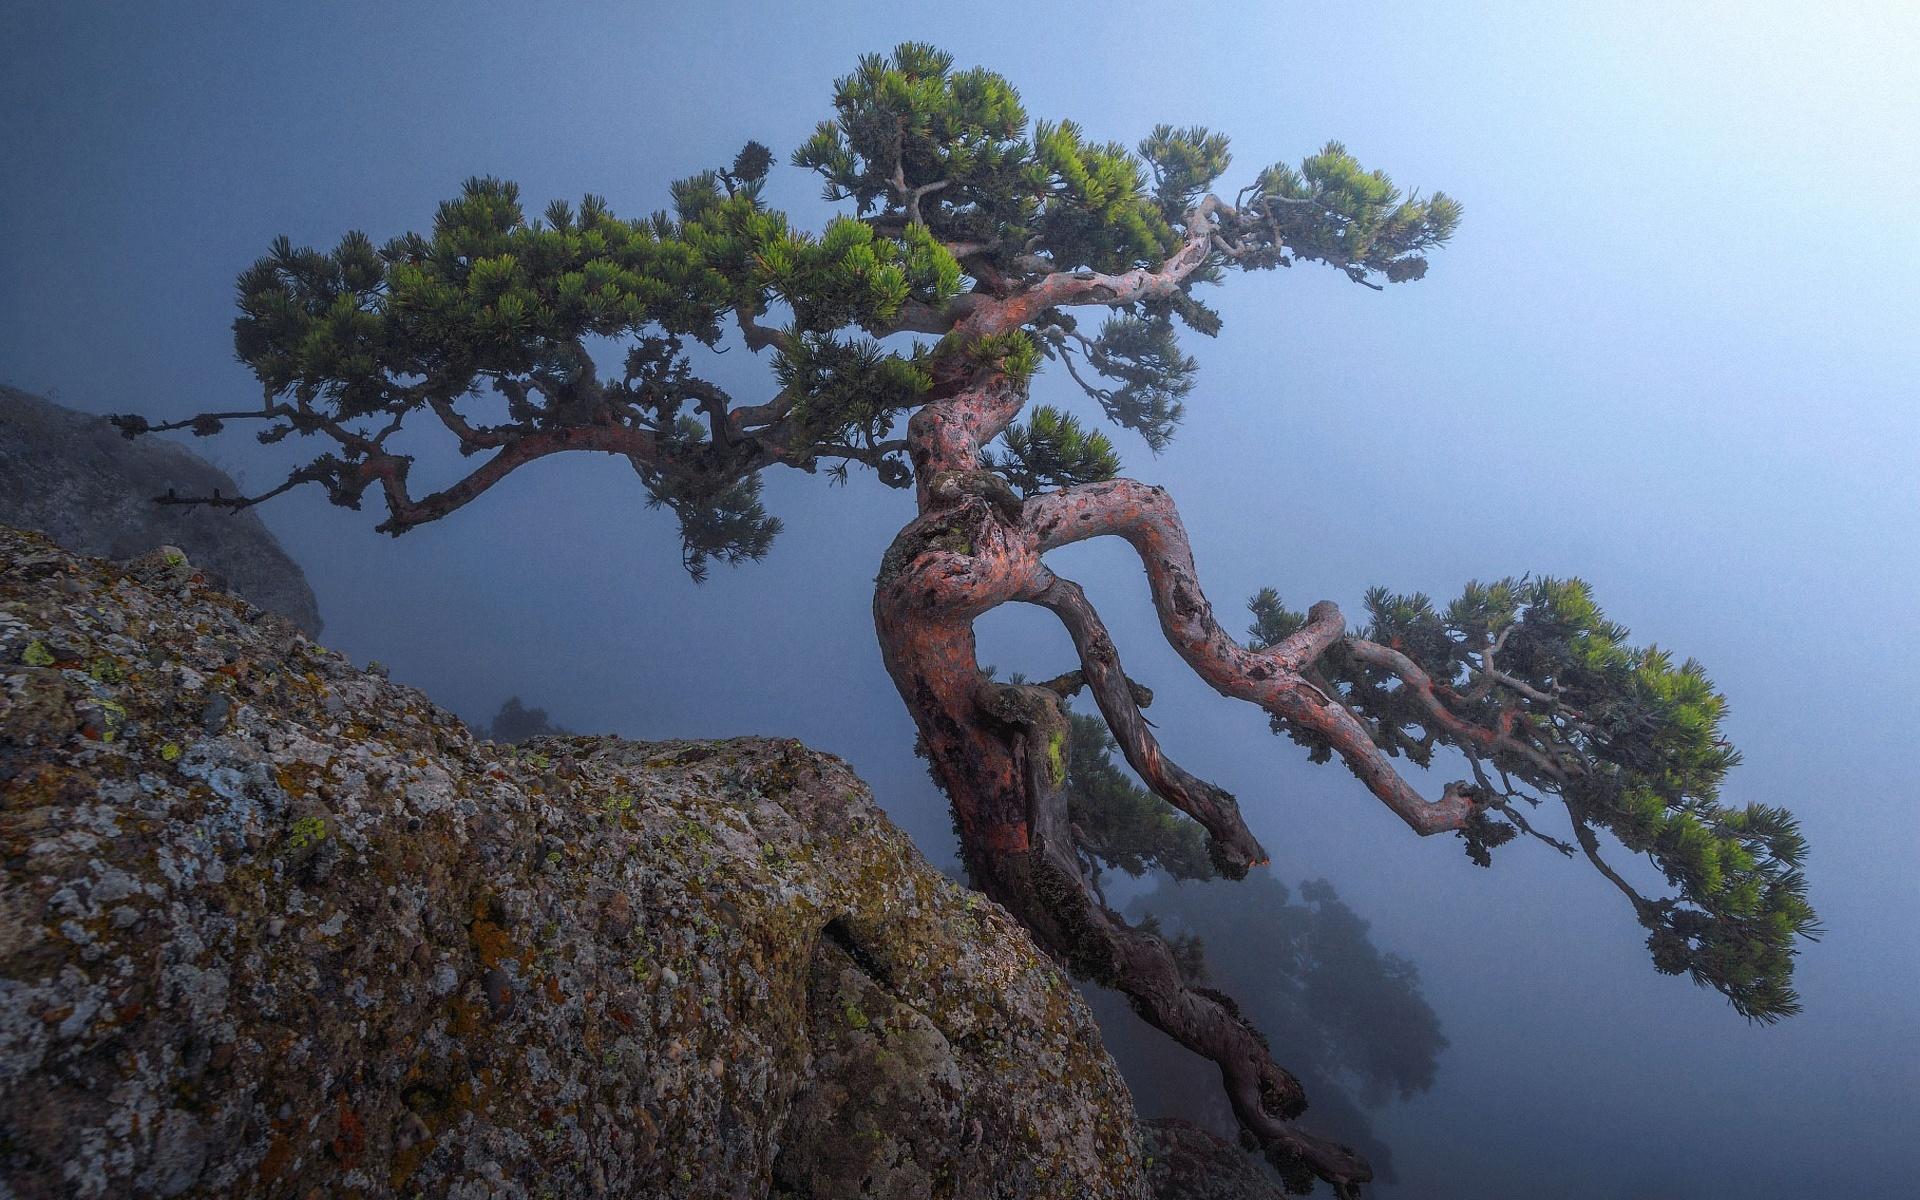 давал, картинка дерево на скале это